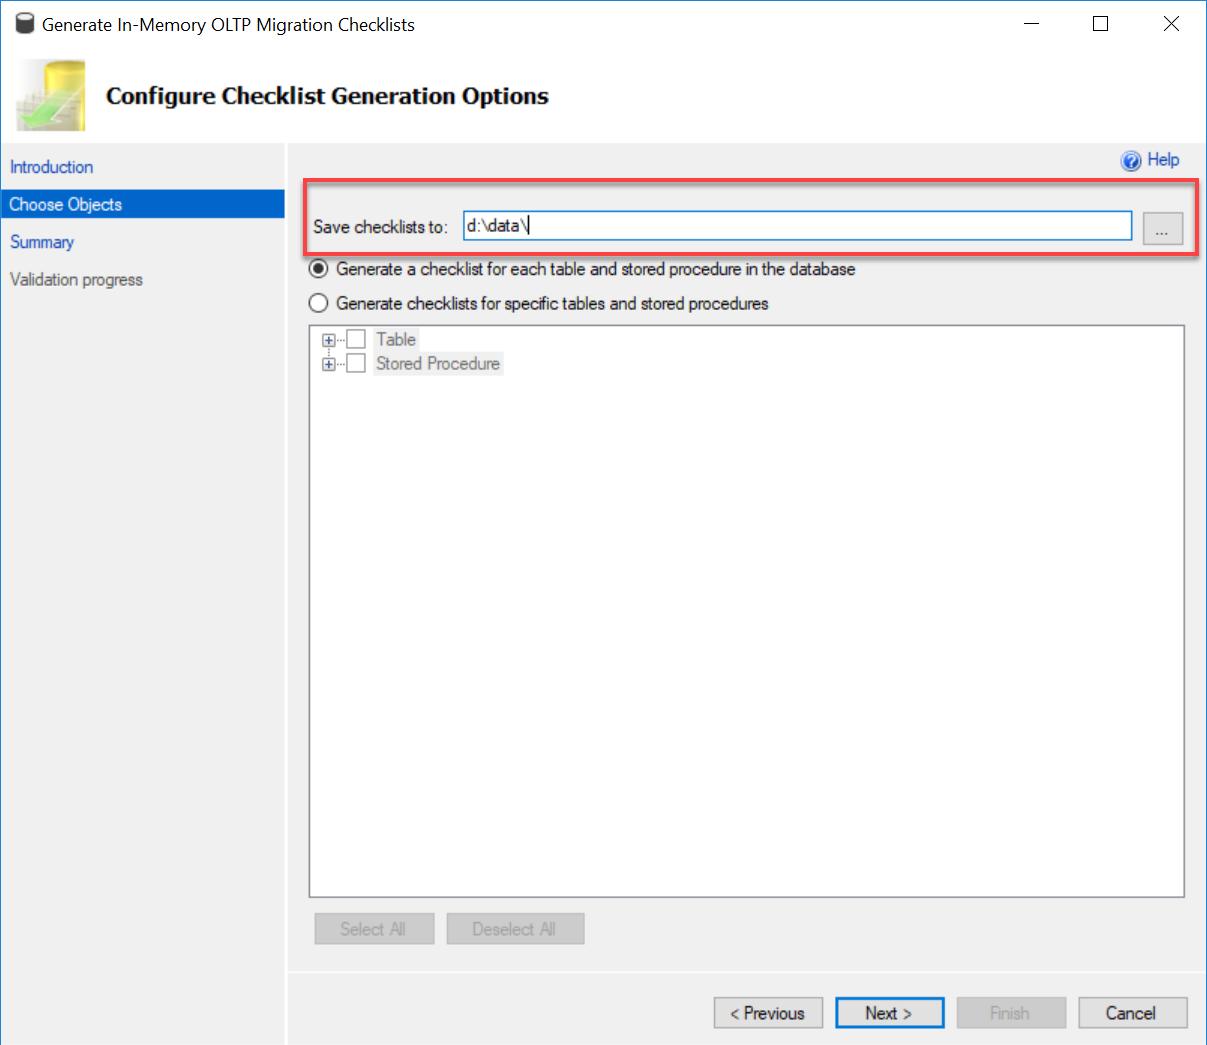 SQL SERVER - Generating In-Memory OLTP Migration CheckList inmemorychecklist3